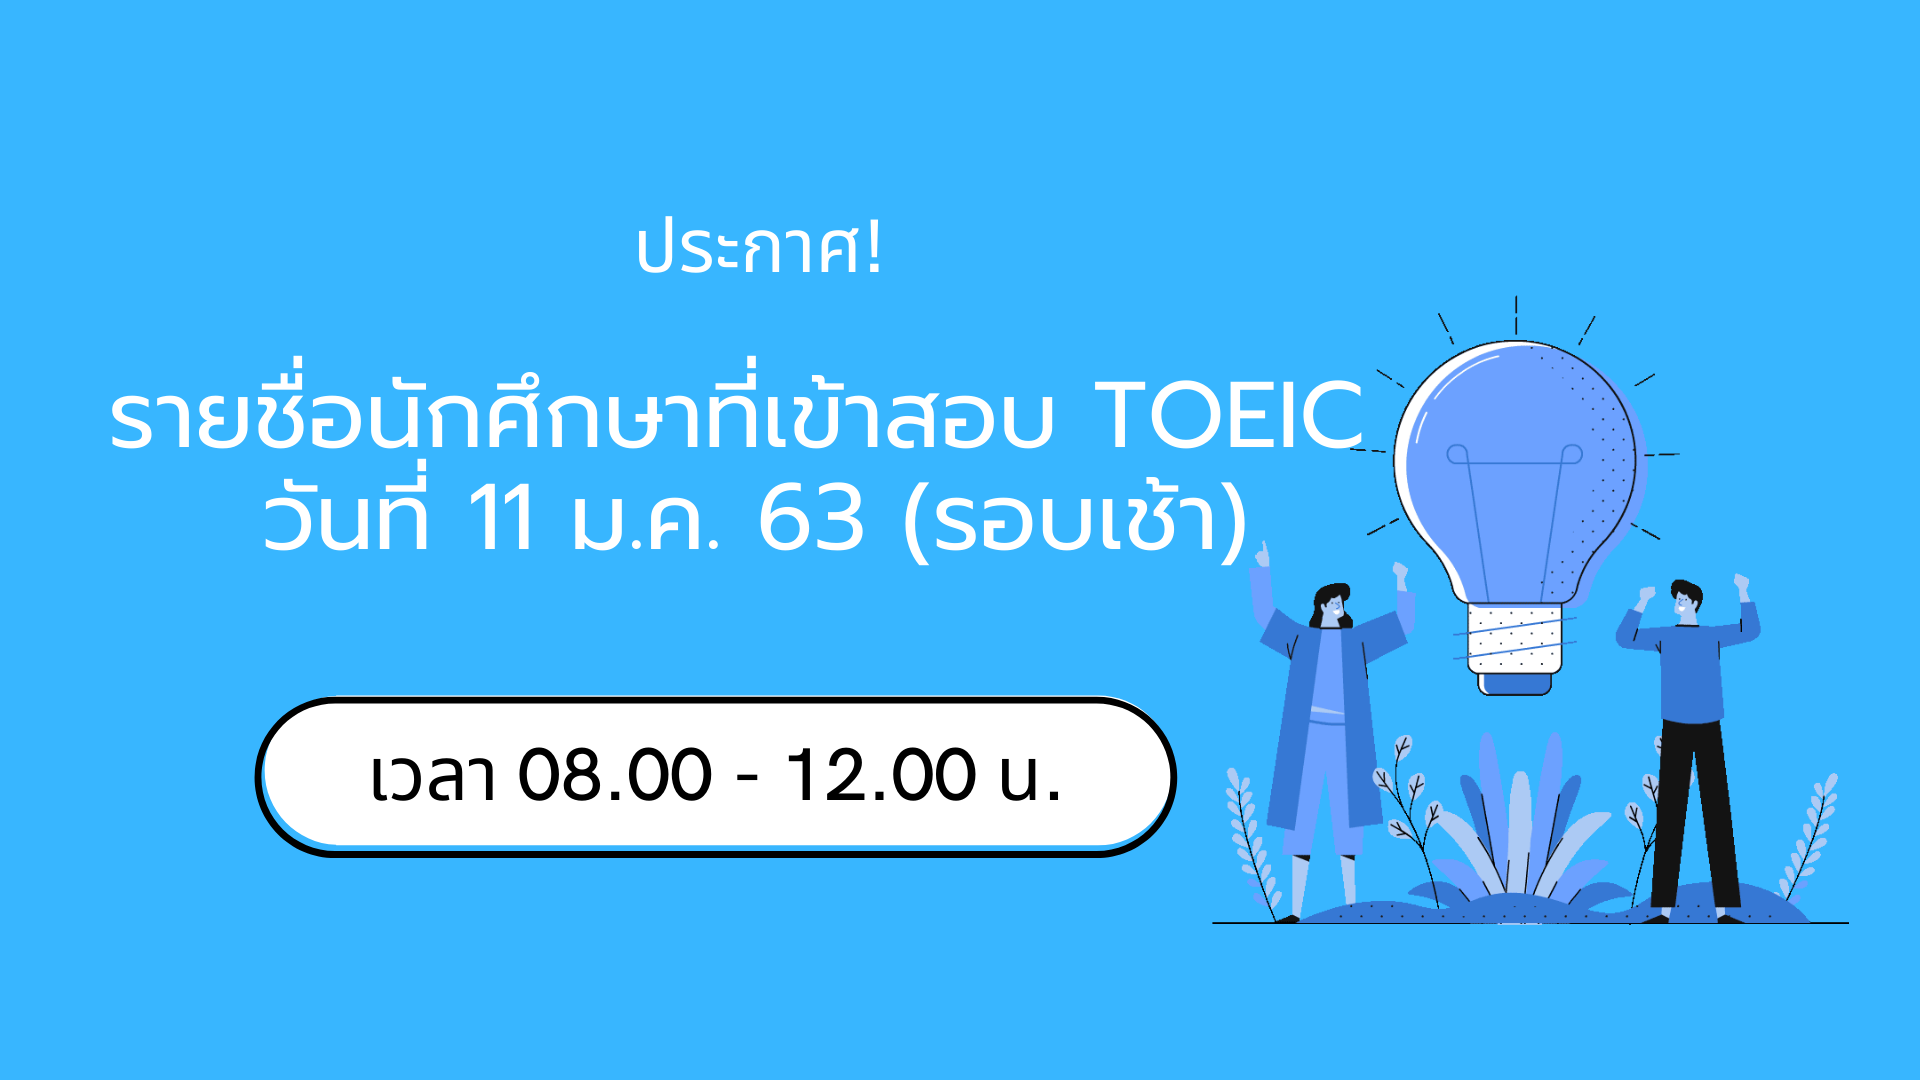 ประกาศ! รายชื่อนักศึกษาเข้าทดสอบ TOEIC วันที่ 11 มกราคม 2563 (รอบเช้า)